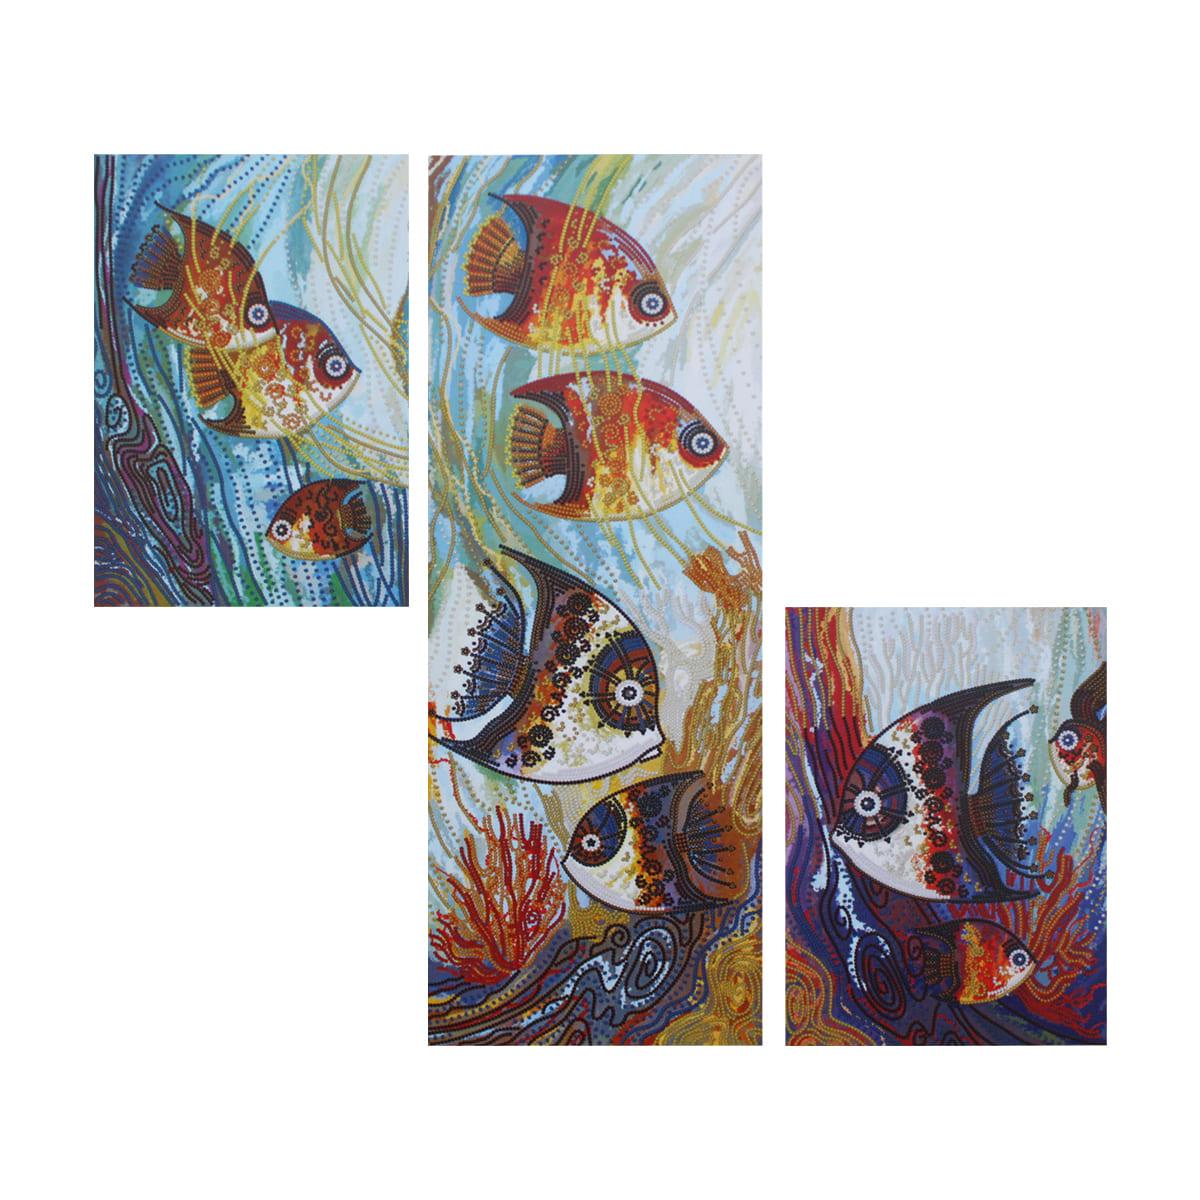 ДК6575 Набор для вышивания бисером 'Нова Слобода' 'Морское царство' 1 часть18x50 см, 2 части 18х25 см